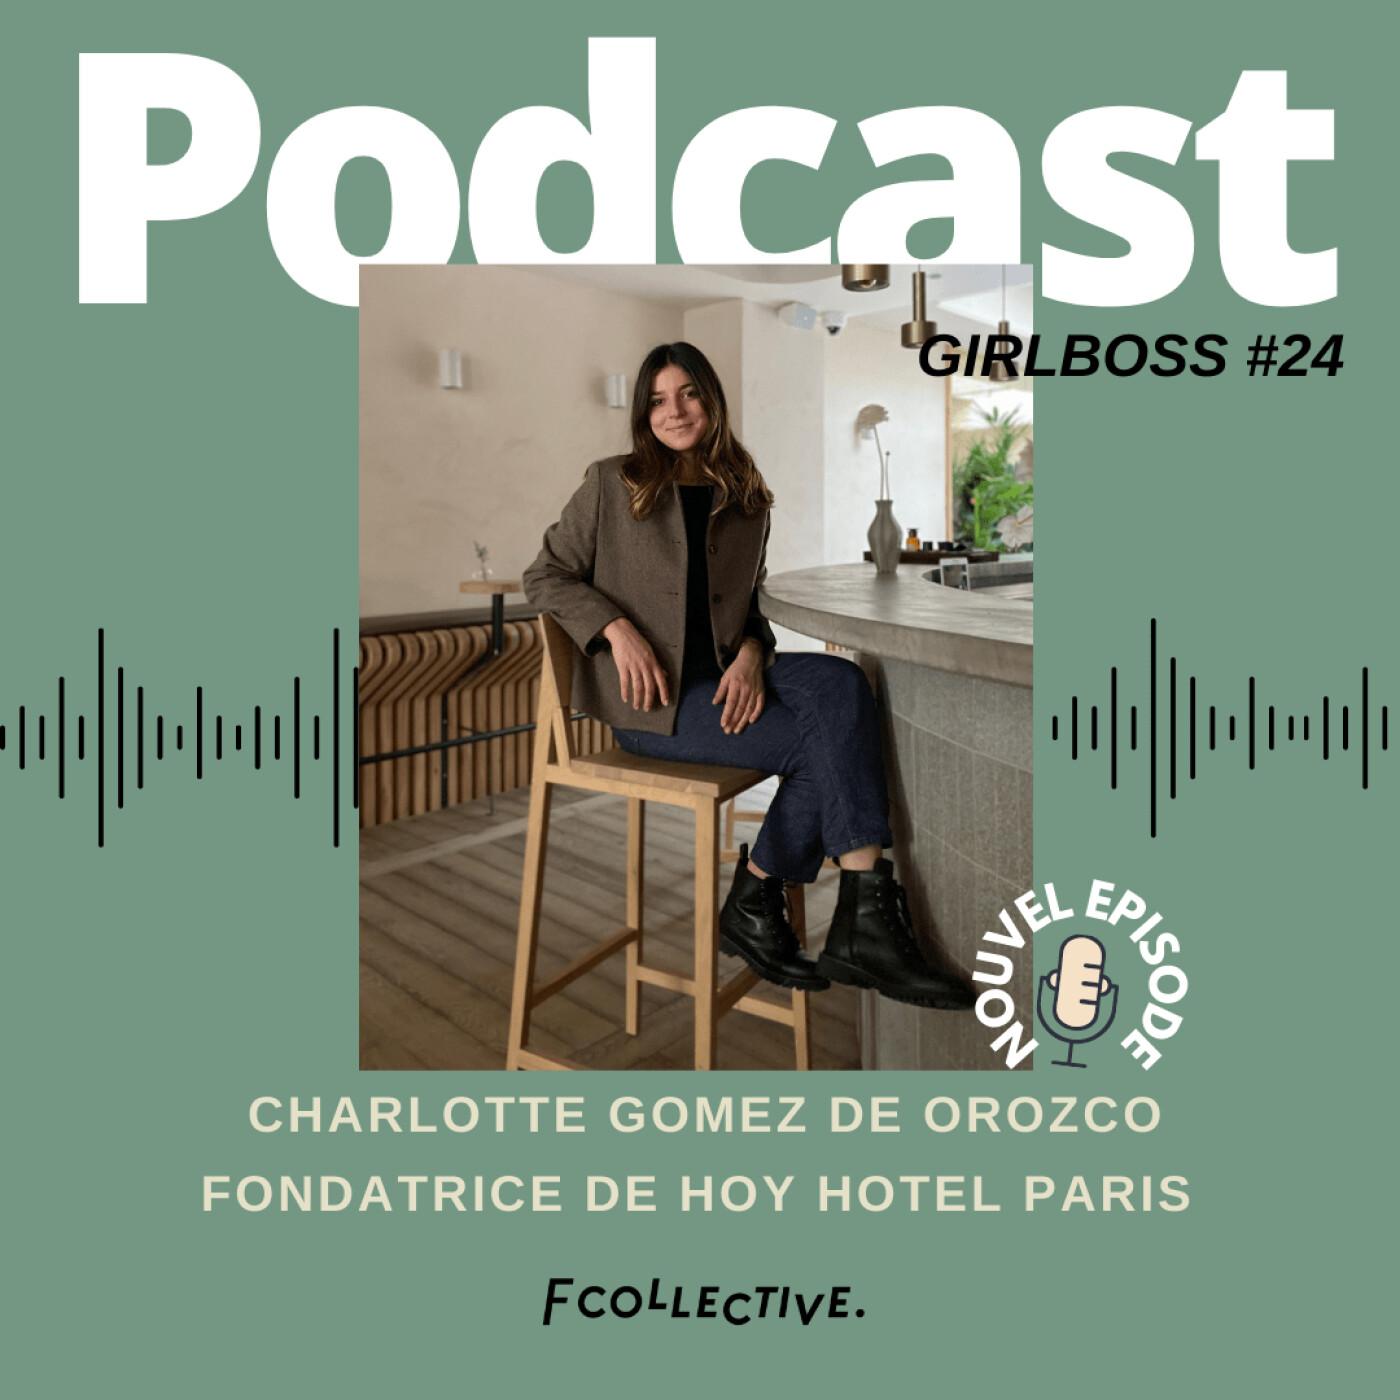 #24 Charlotte Gomez de Orozco - Fondatrice de HOY HOTEL PARIS et du bar GISOU